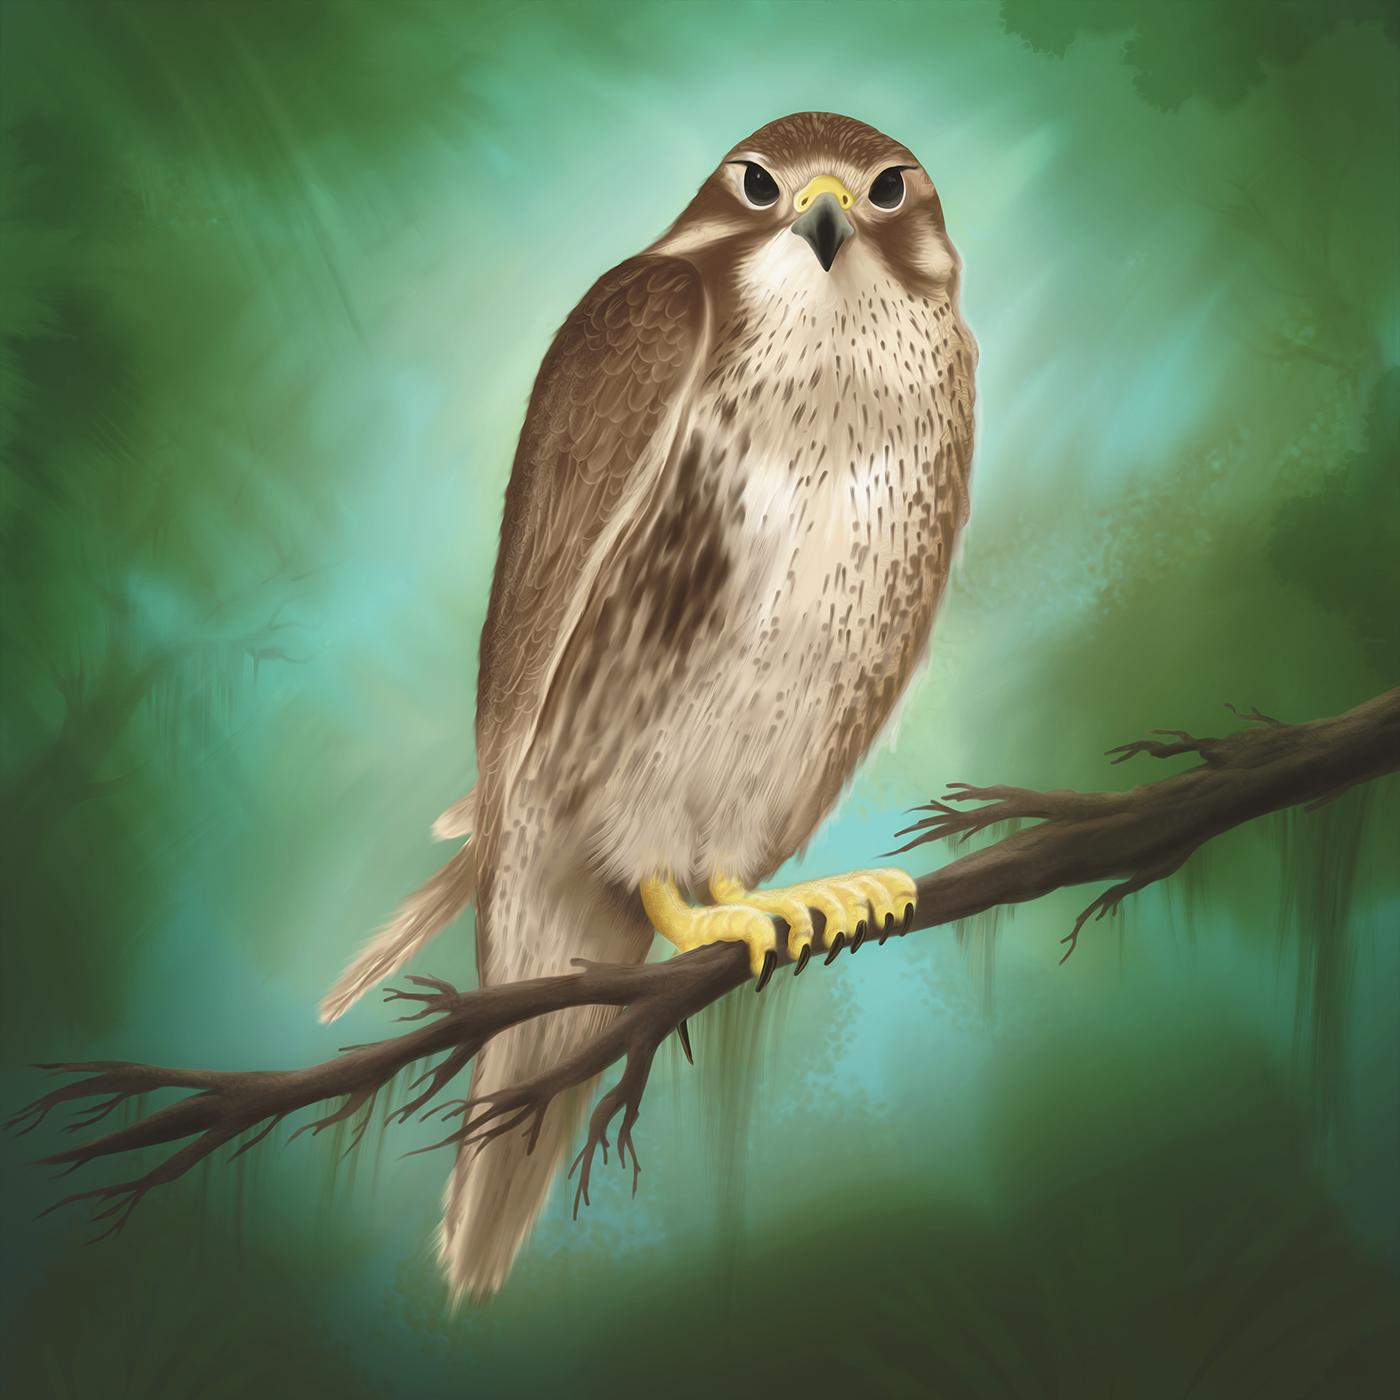 bird-digital-painting-by-eduardo-galvani.png